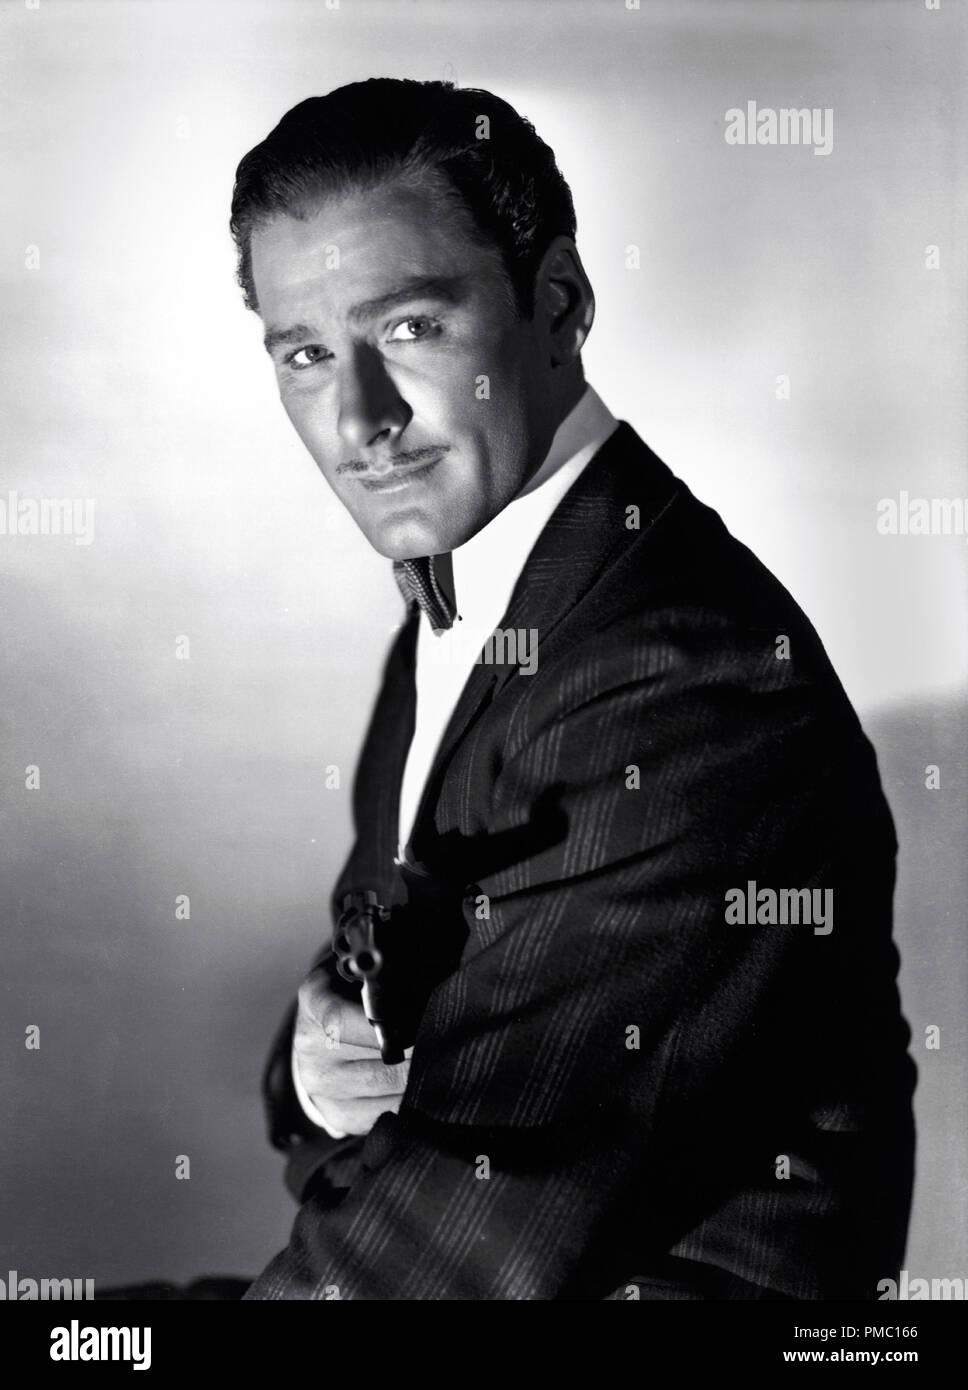 Errol Flynn Year Stock Photos & Errol Flynn Year Stock